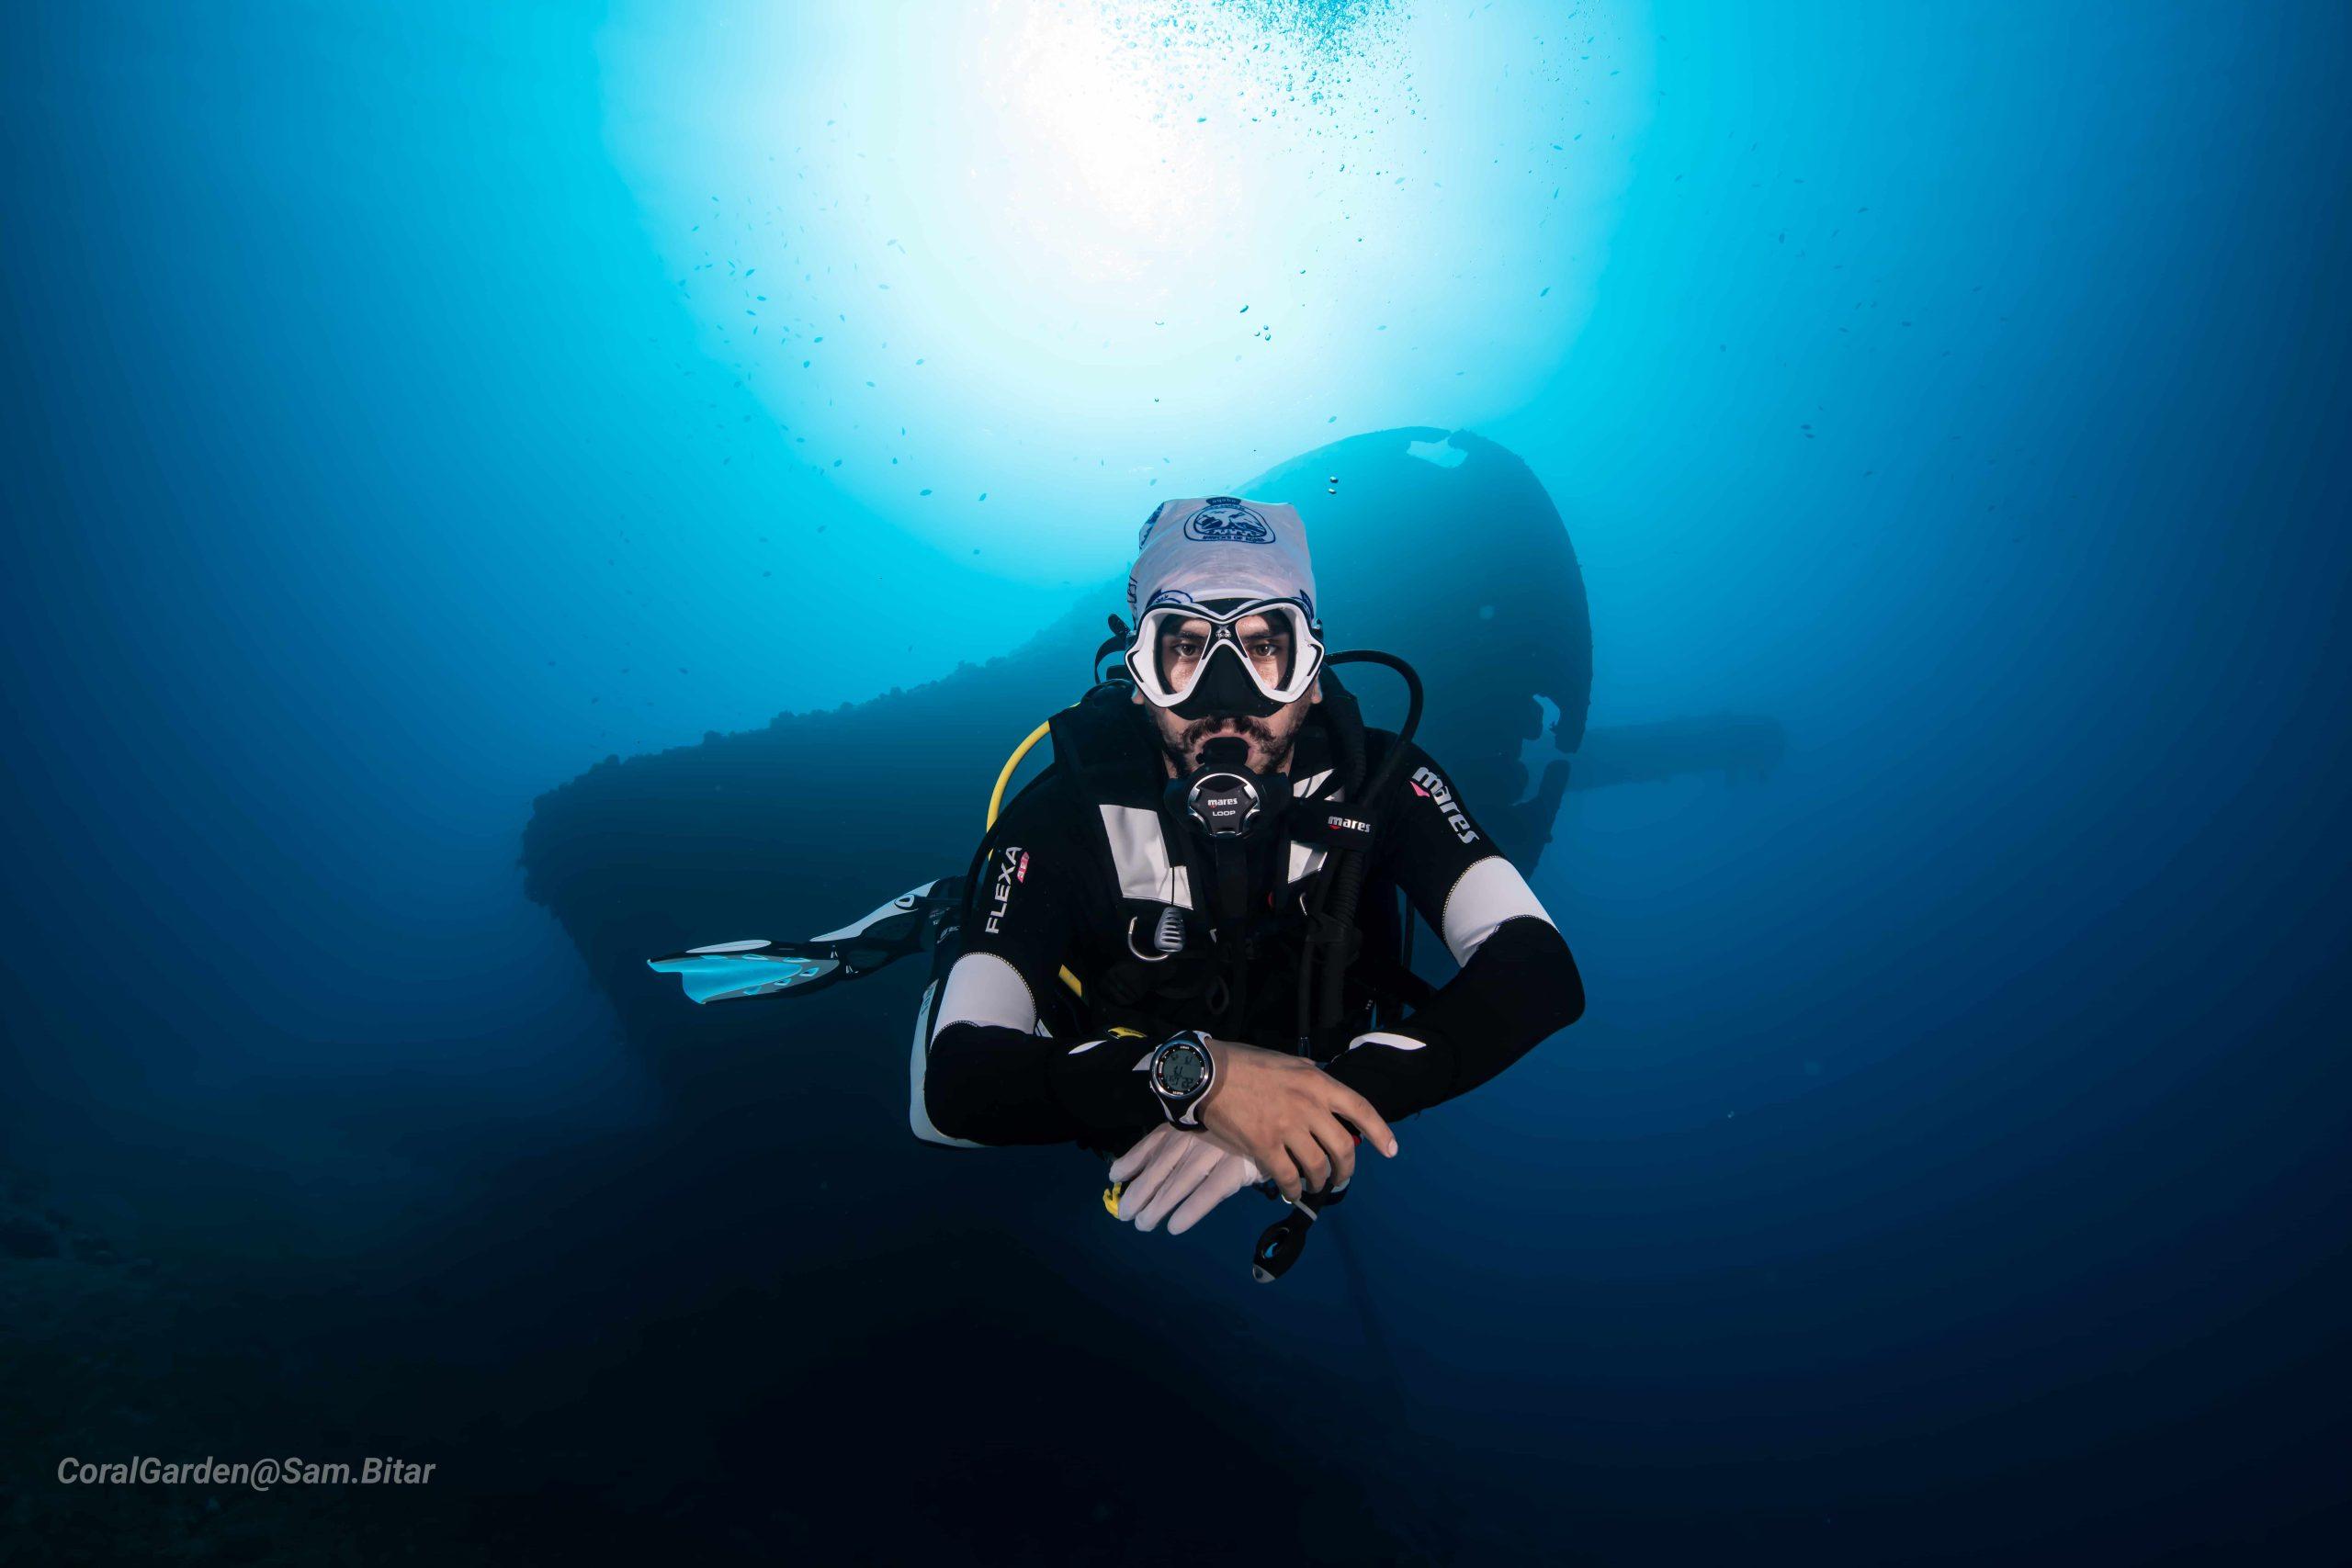 Red Sea Scuba Diving in Aqaba, Jordan